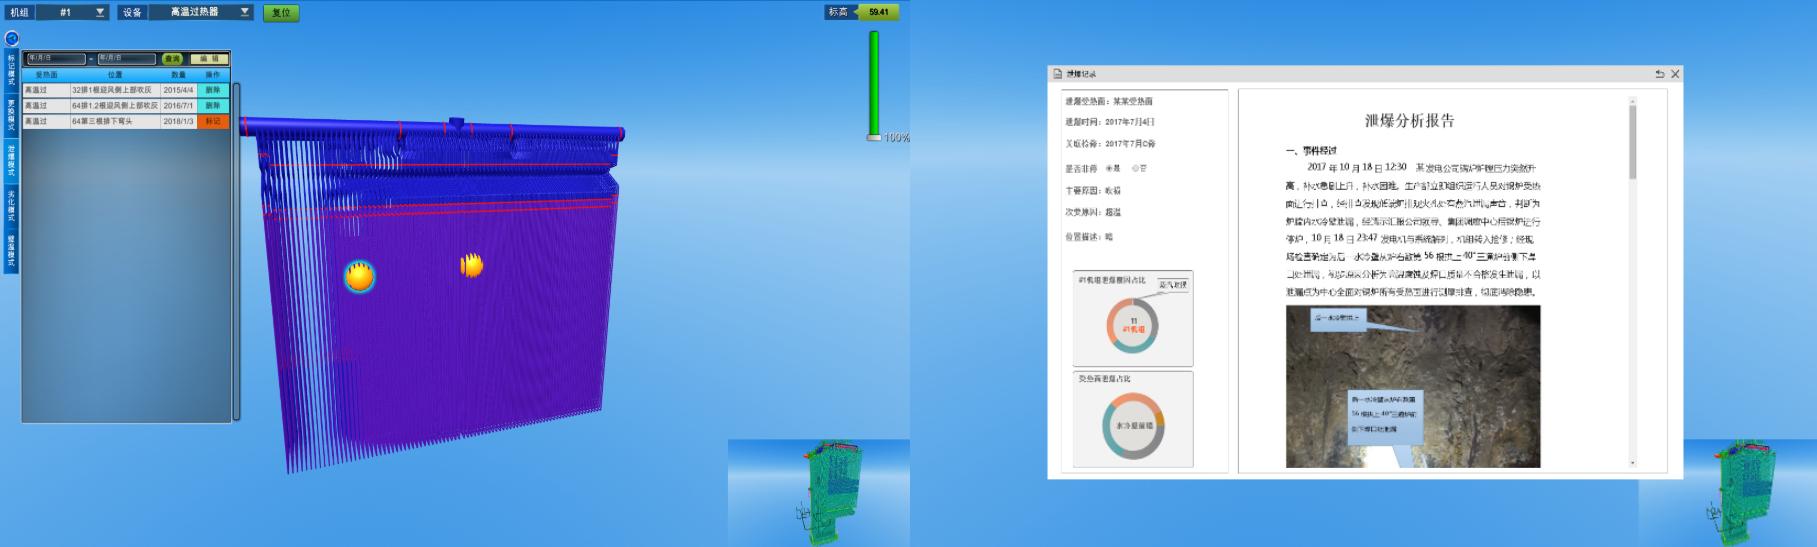 锅炉防磨防爆系统三维可视化的泄爆模式.png